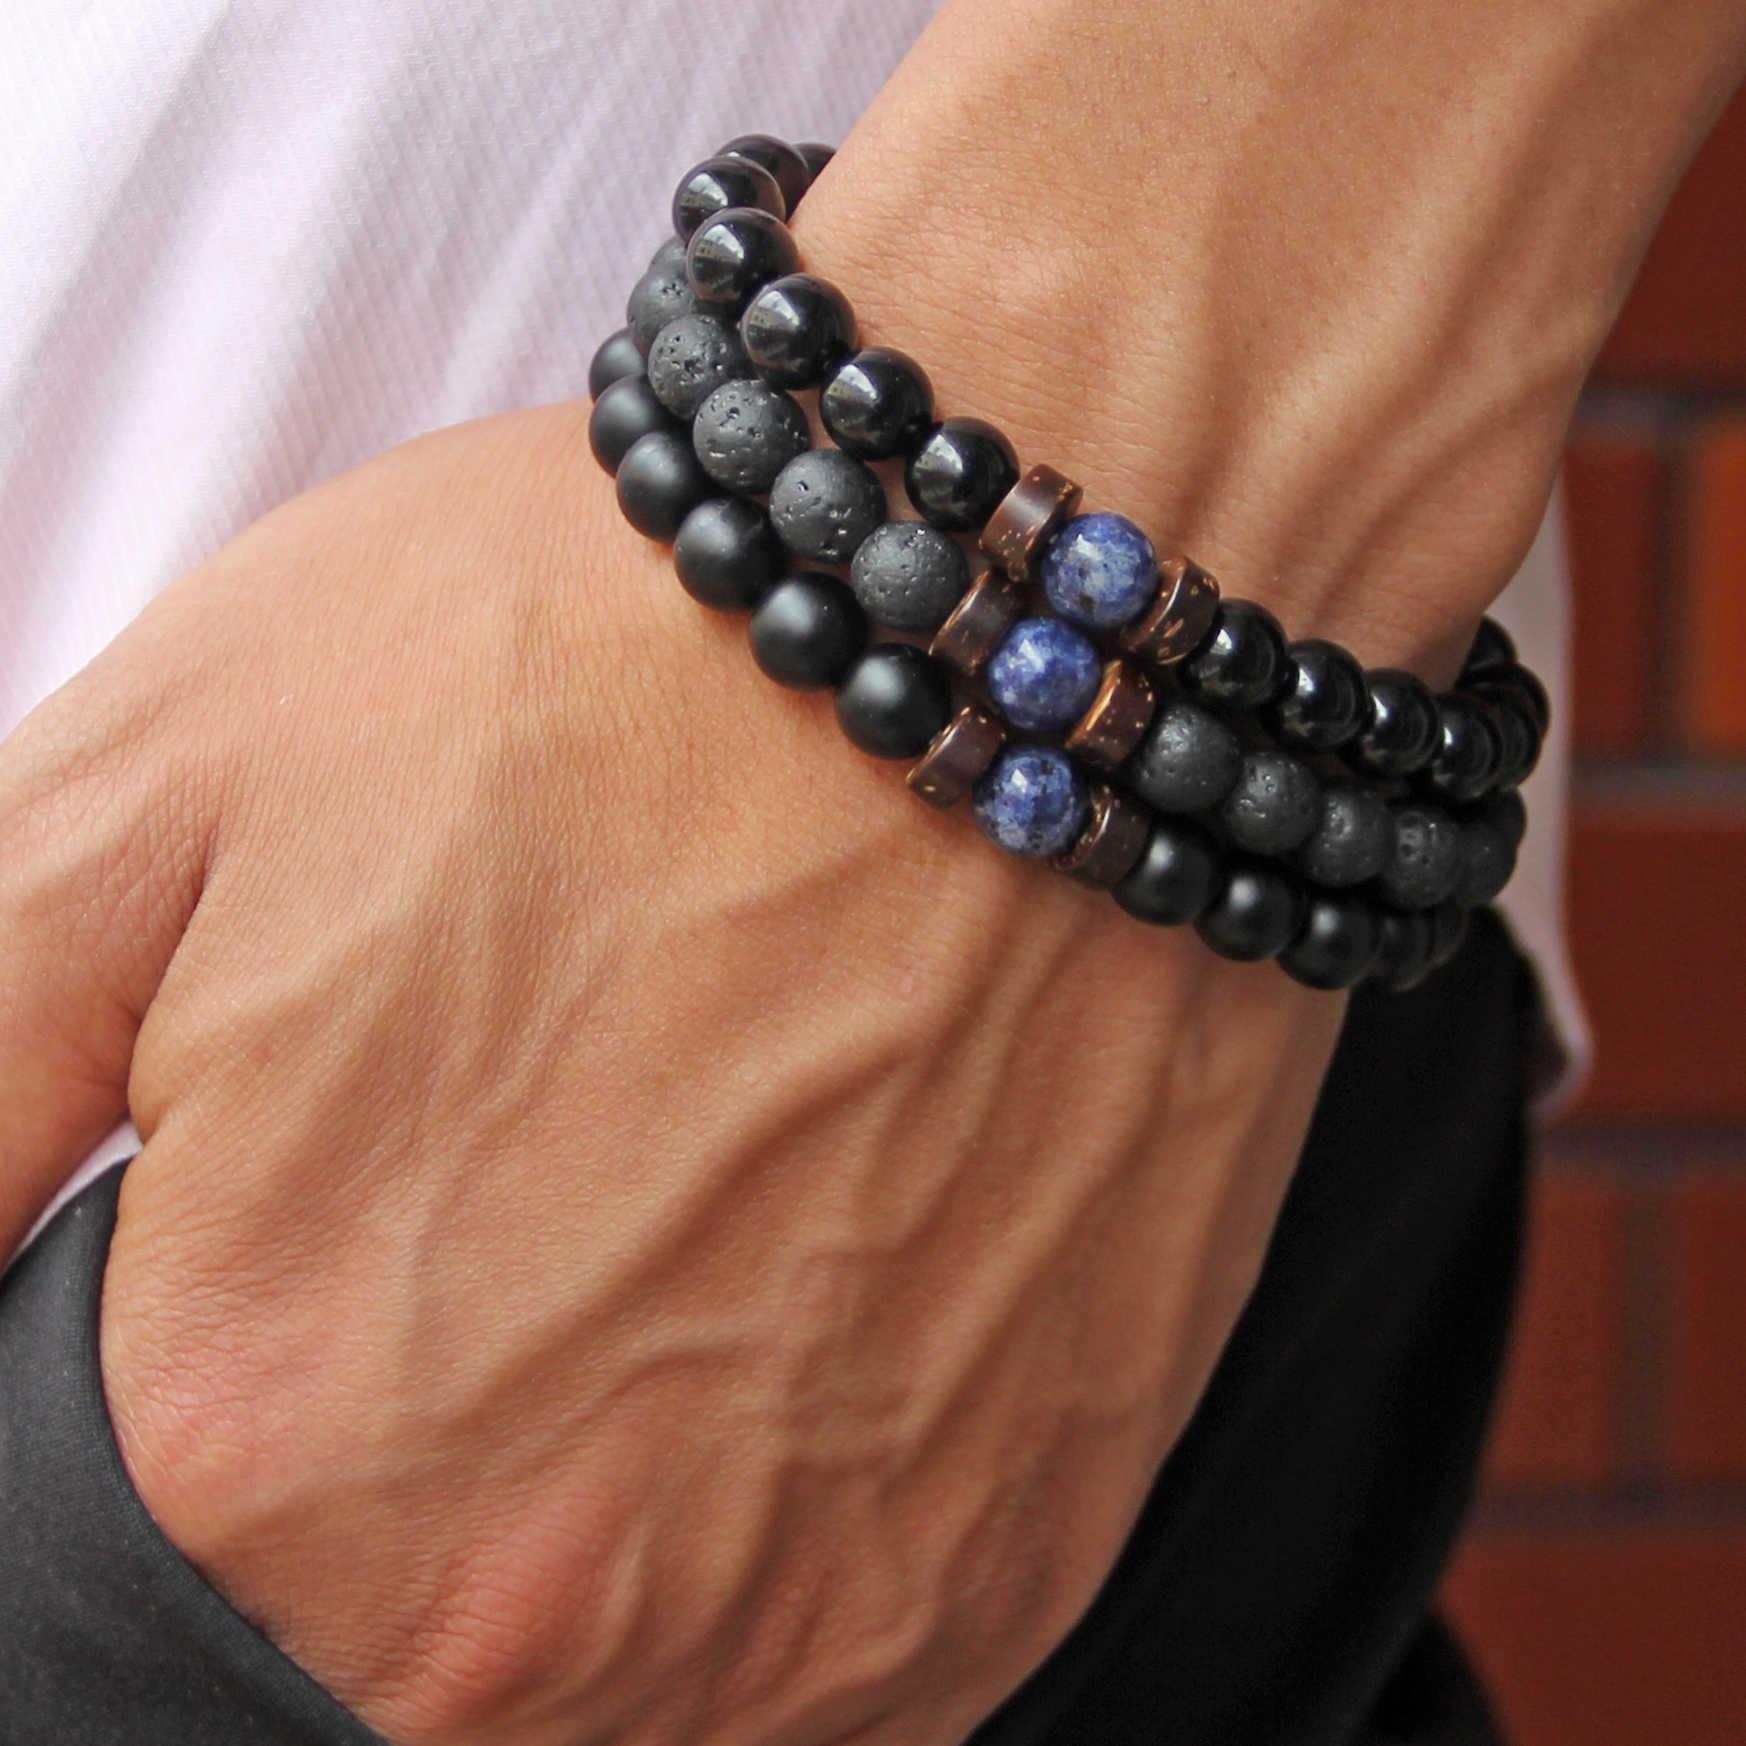 ธรรมชาติหินลาวาสร้อยข้อมือลูกปัดไม้อุปกรณ์เสริม Lapis Lazuli Jades สร้อยข้อมือผู้ชาย/ผู้หญิงเครื่องประดับของขวัญ